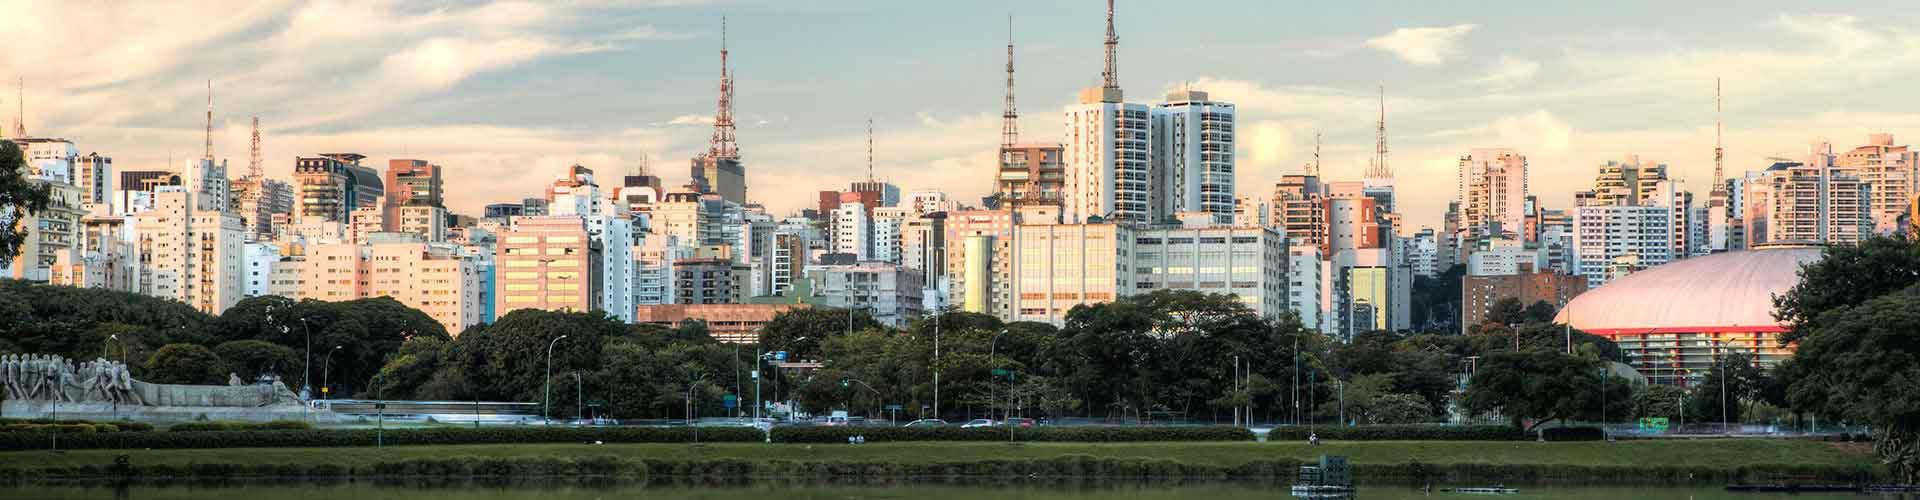 상파울로 - 콩고냐스 - 상파울루 공항에 가까운 호스텔. 상파울로의 지도, 상파울로에 위치한 호스텔에 대한 사진 및 리뷰.